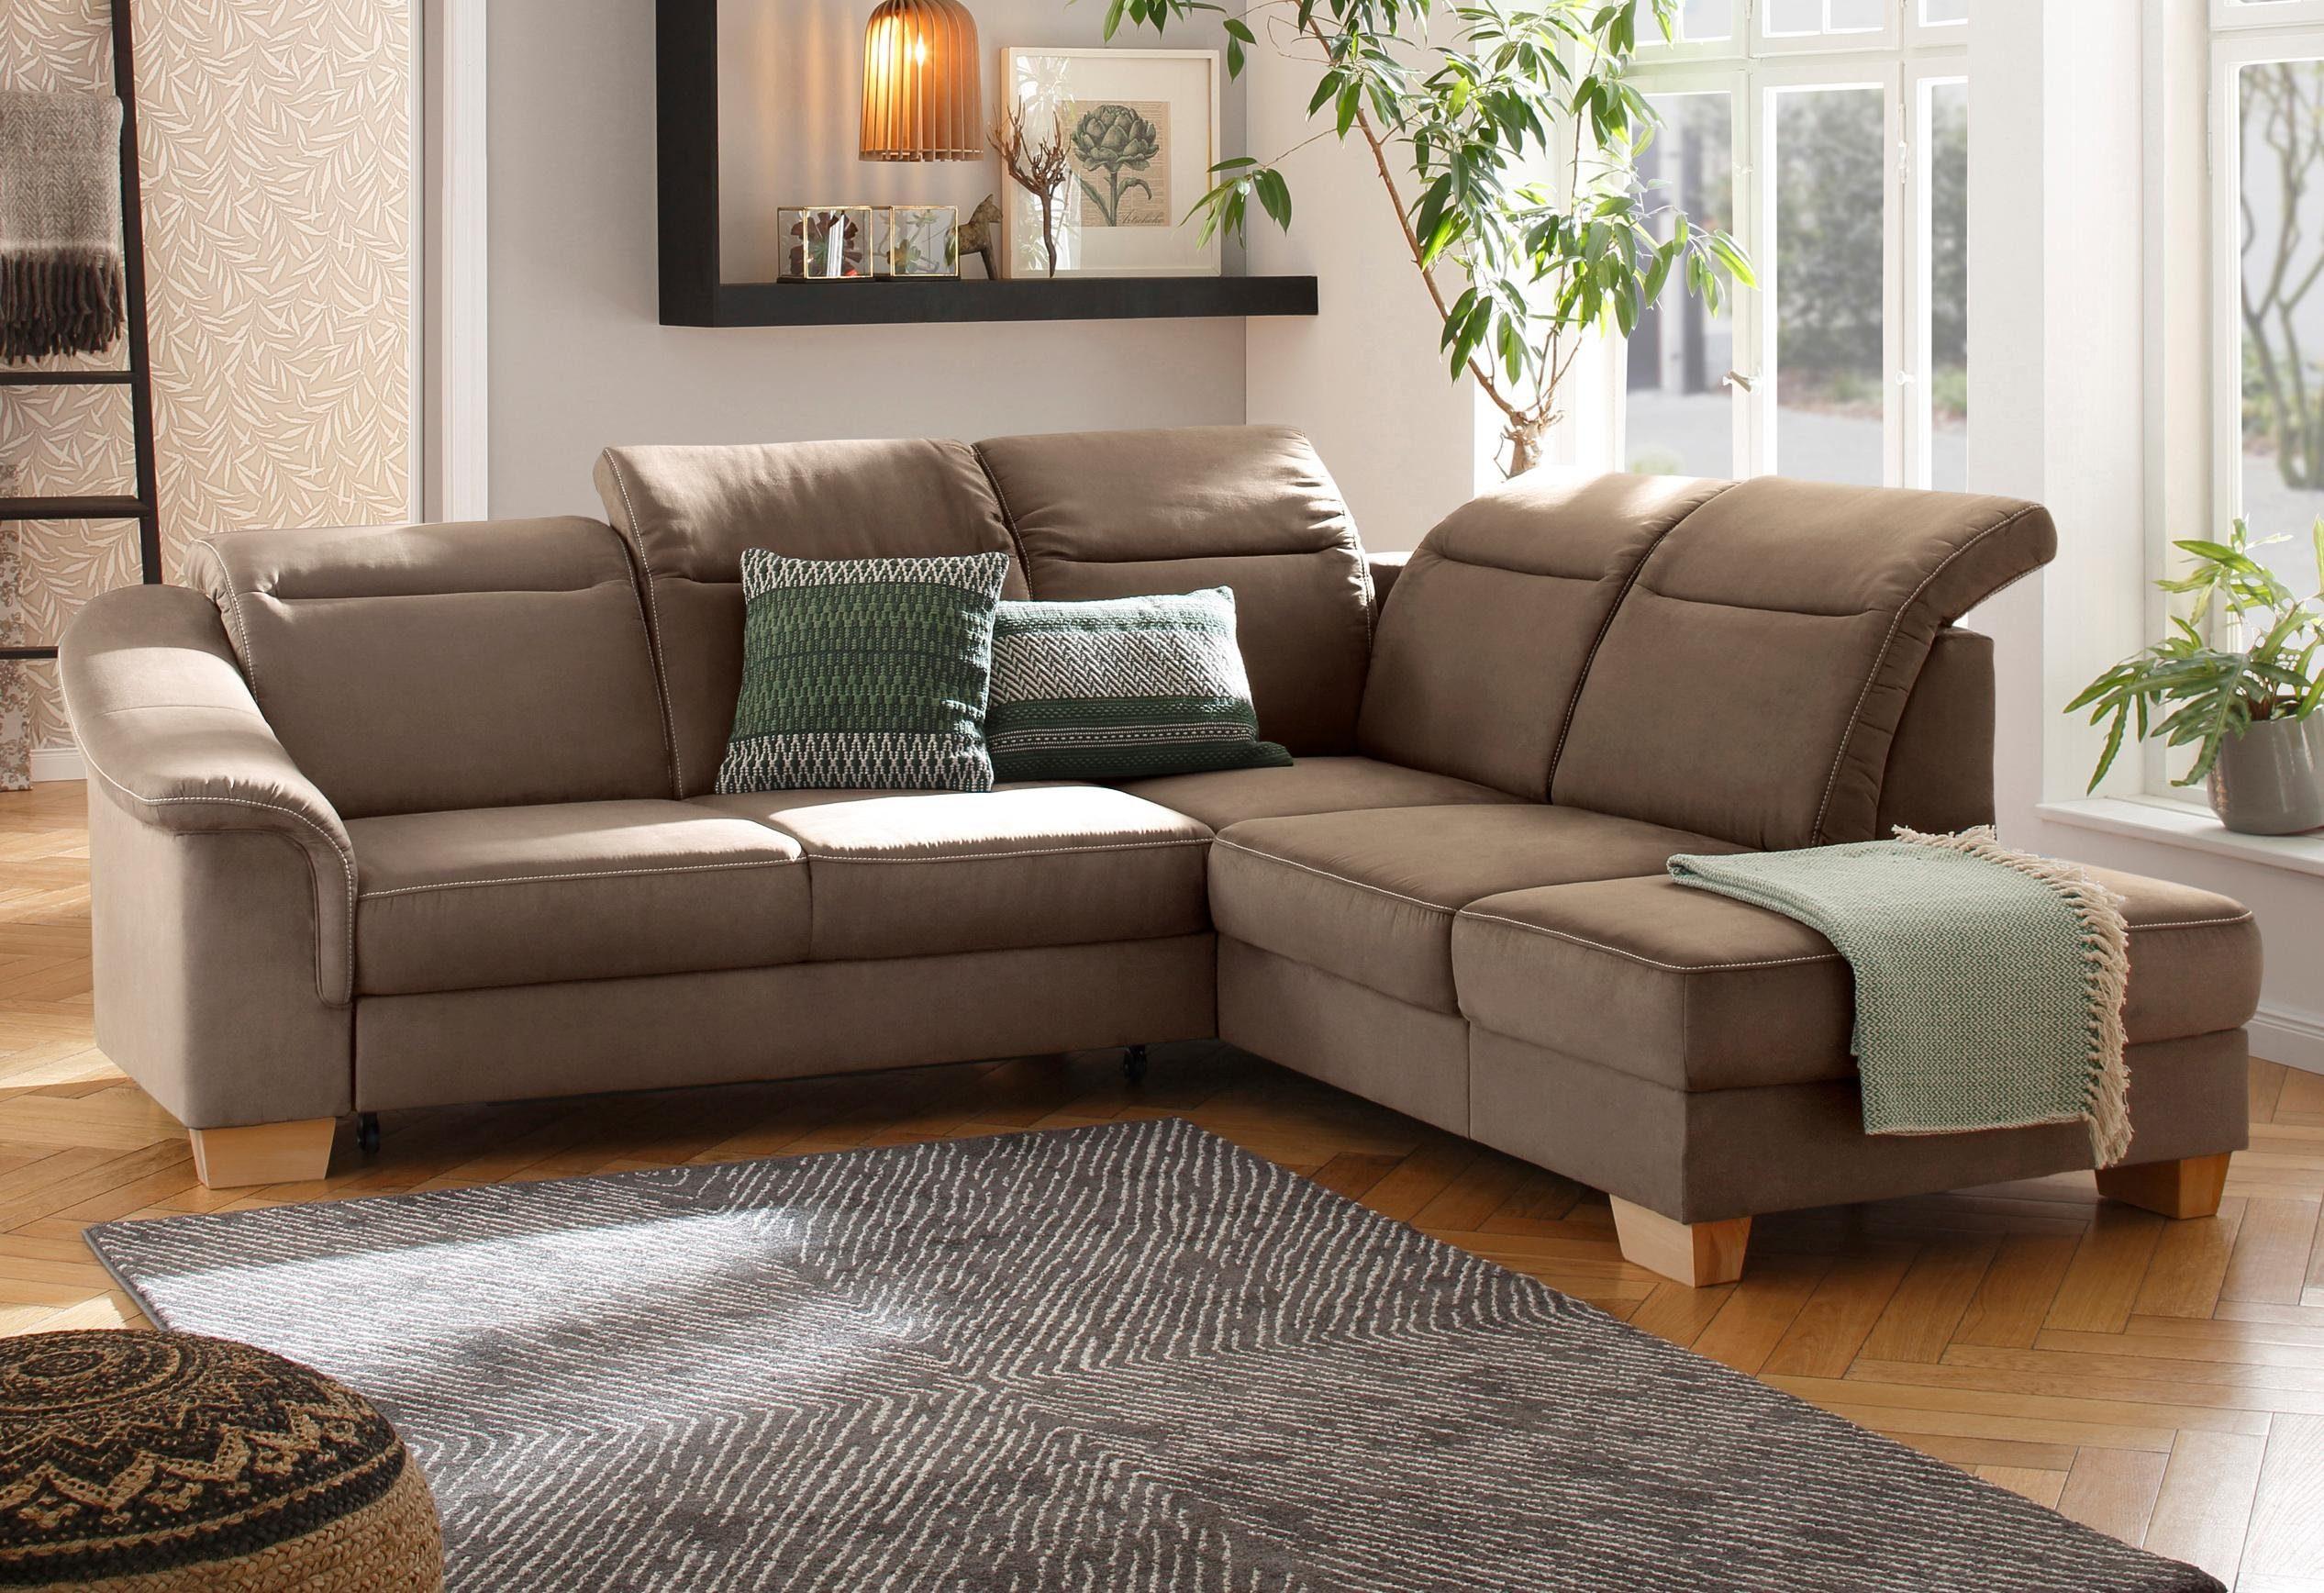 Premium collection by Home affaire Ecksofa Empire | Wohnzimmer > Sofas & Couches > Ecksofas & Eckcouches | Premium Collection By Home Affaire